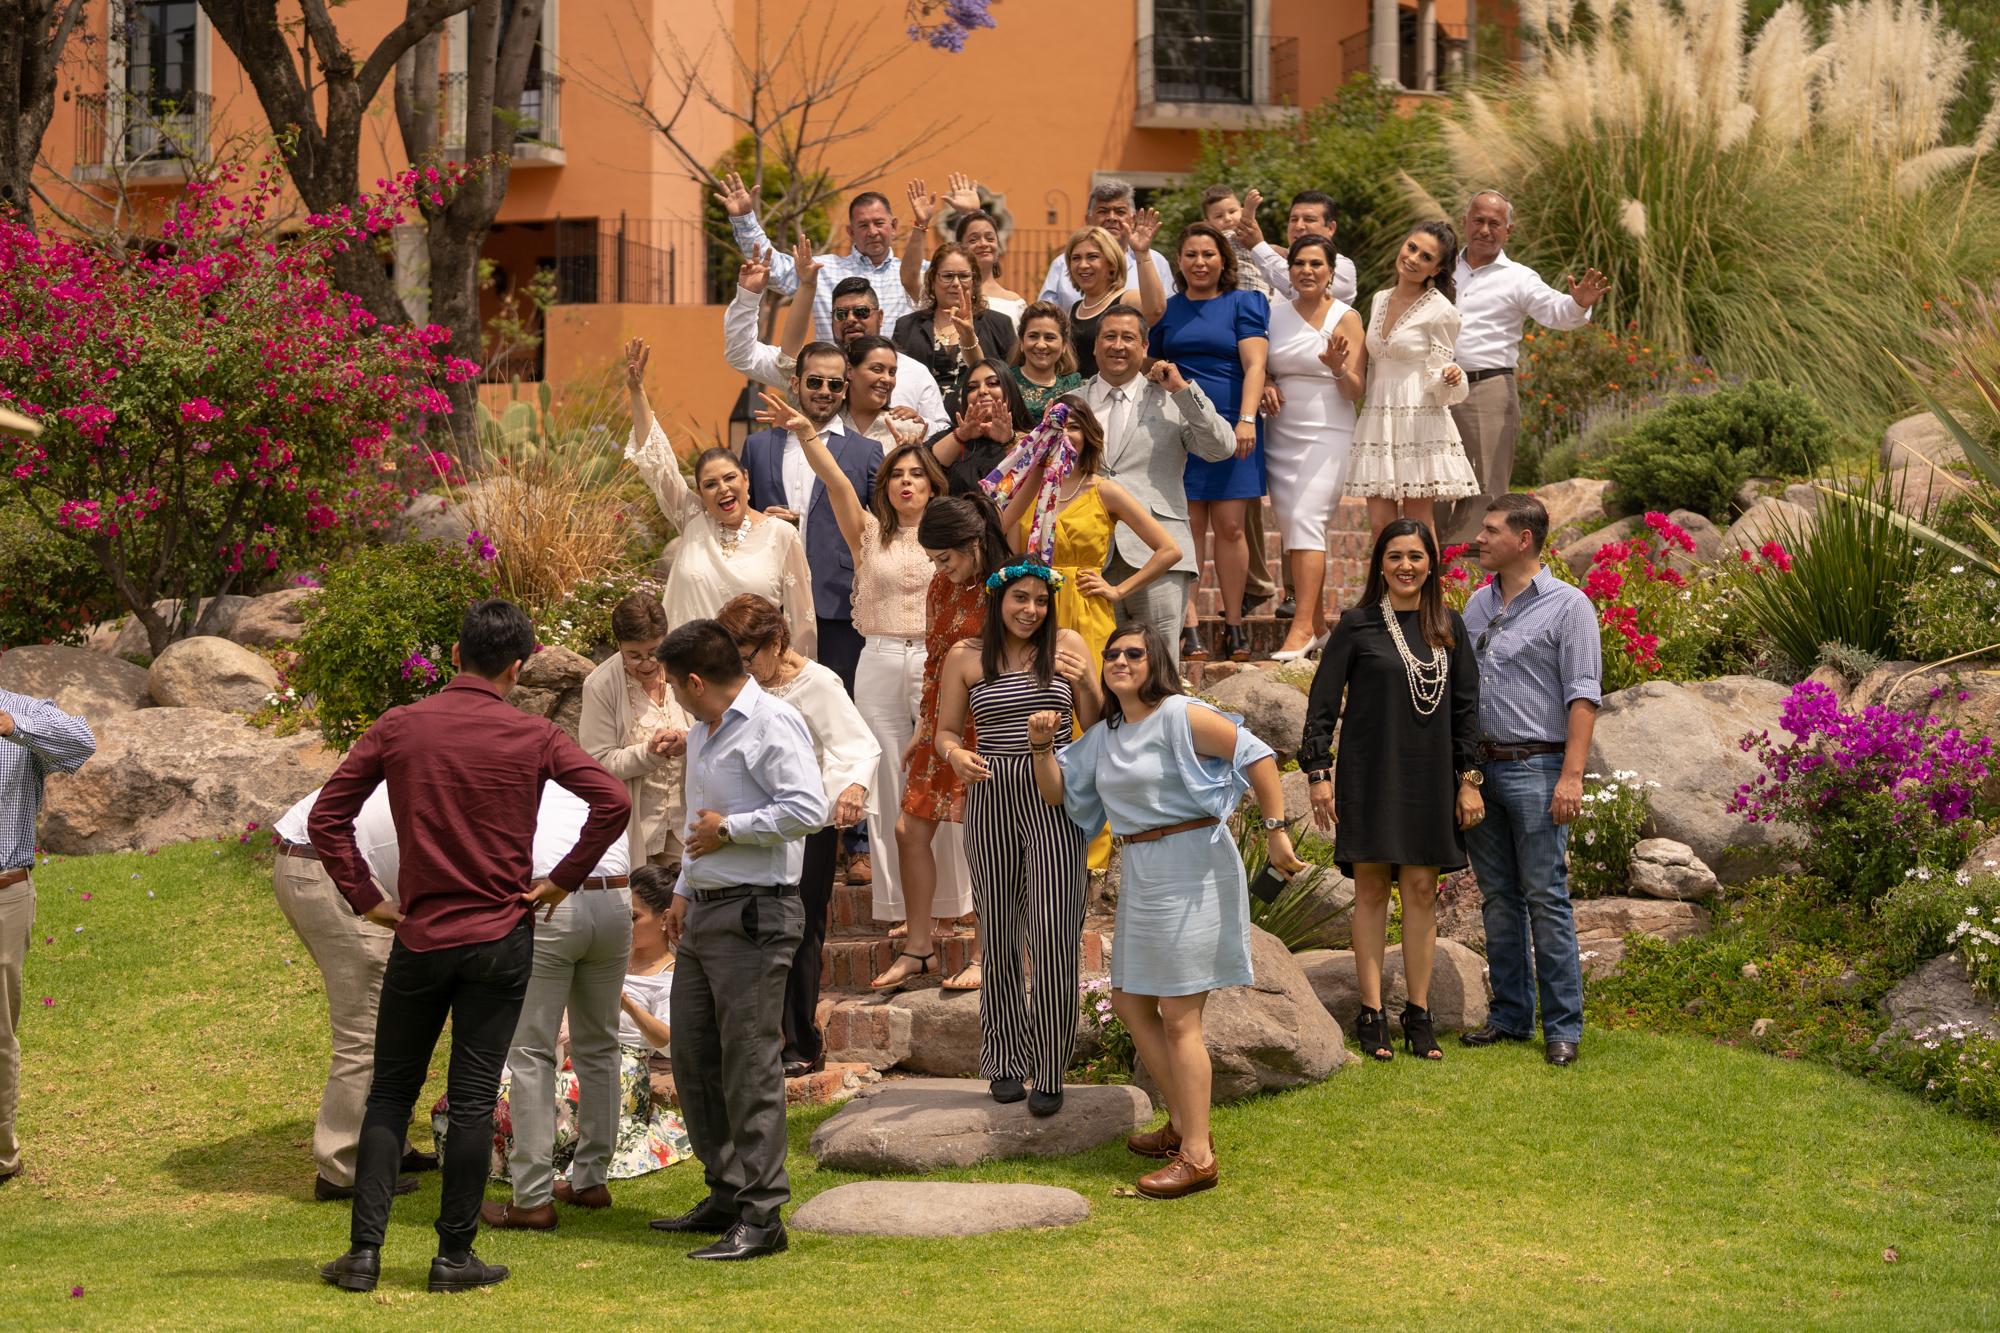 Sesion de Fotos en Rosewood San Migue de Allende del Bautizo de Alfonso-160.jpg